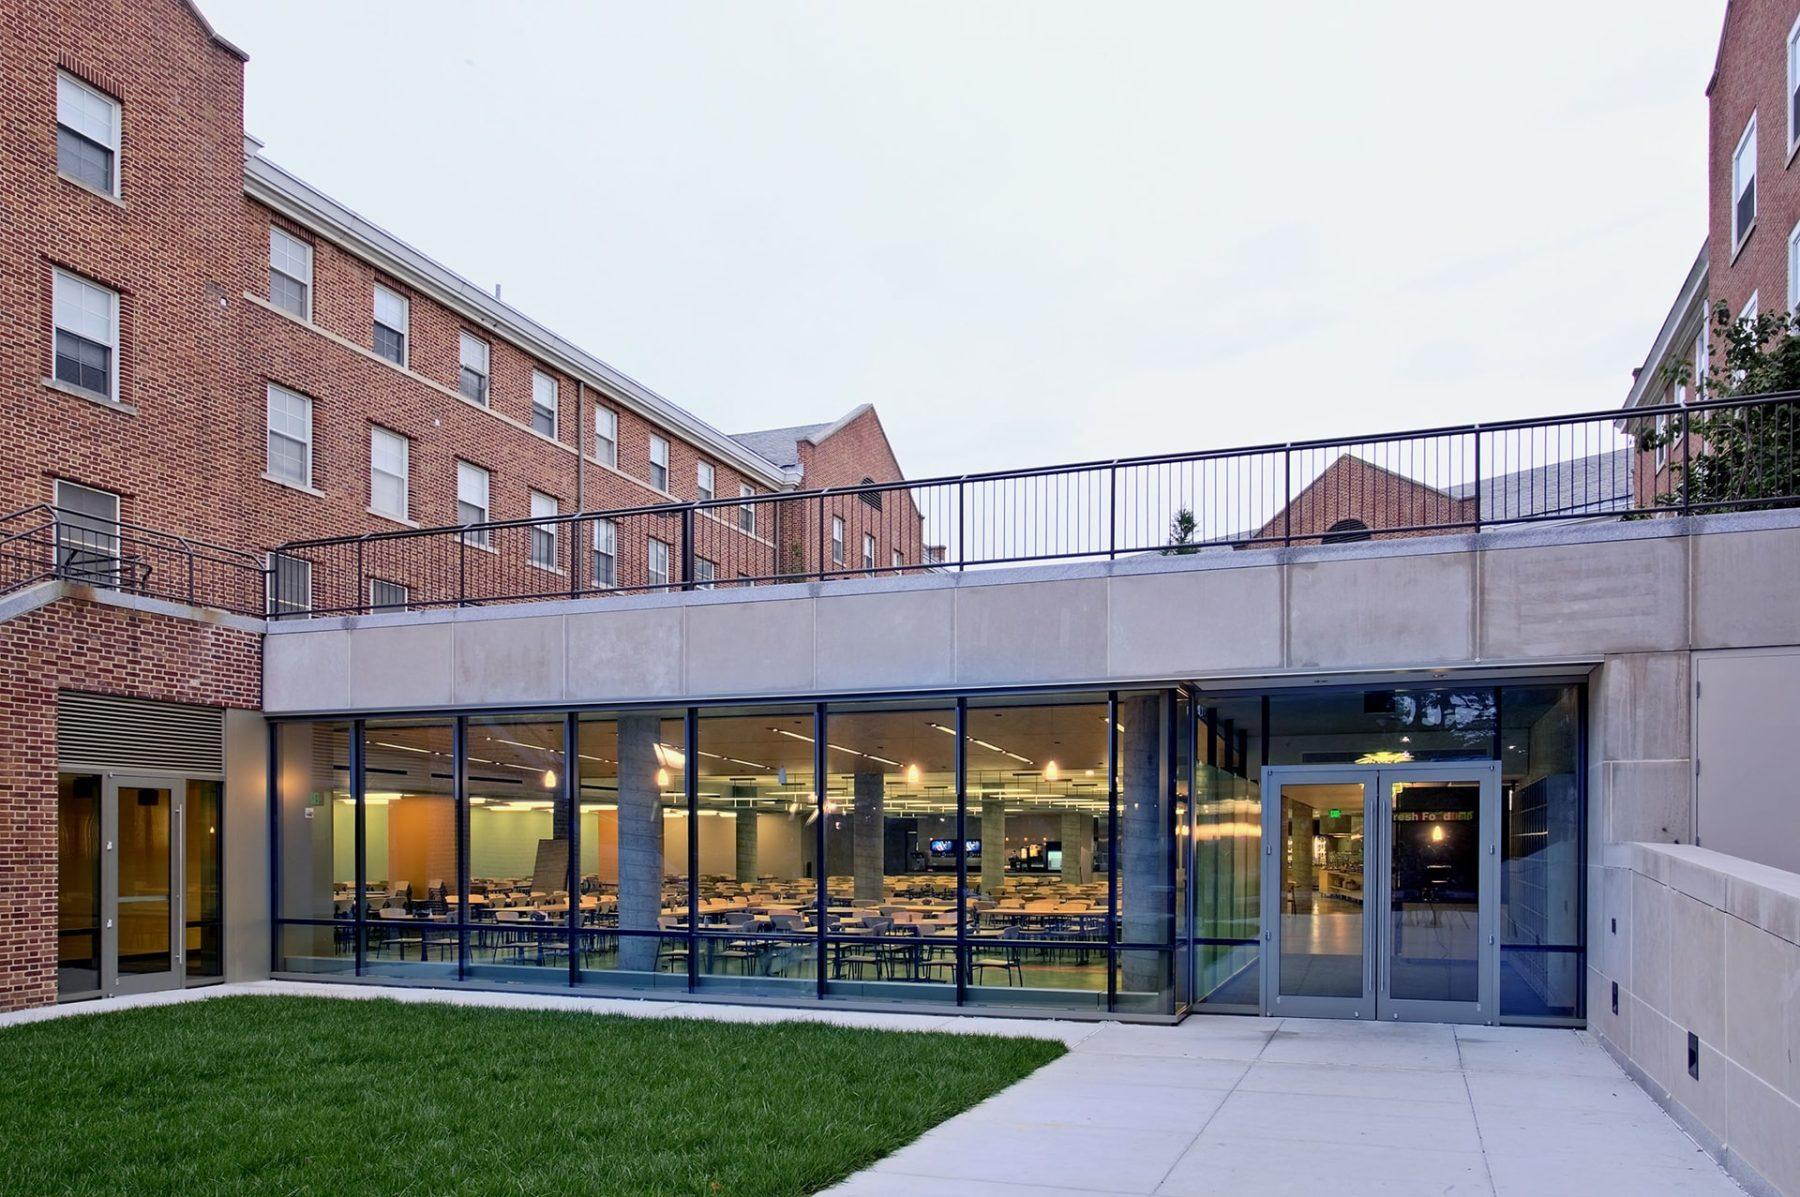 Johns Hopkins University Terrace Court Café